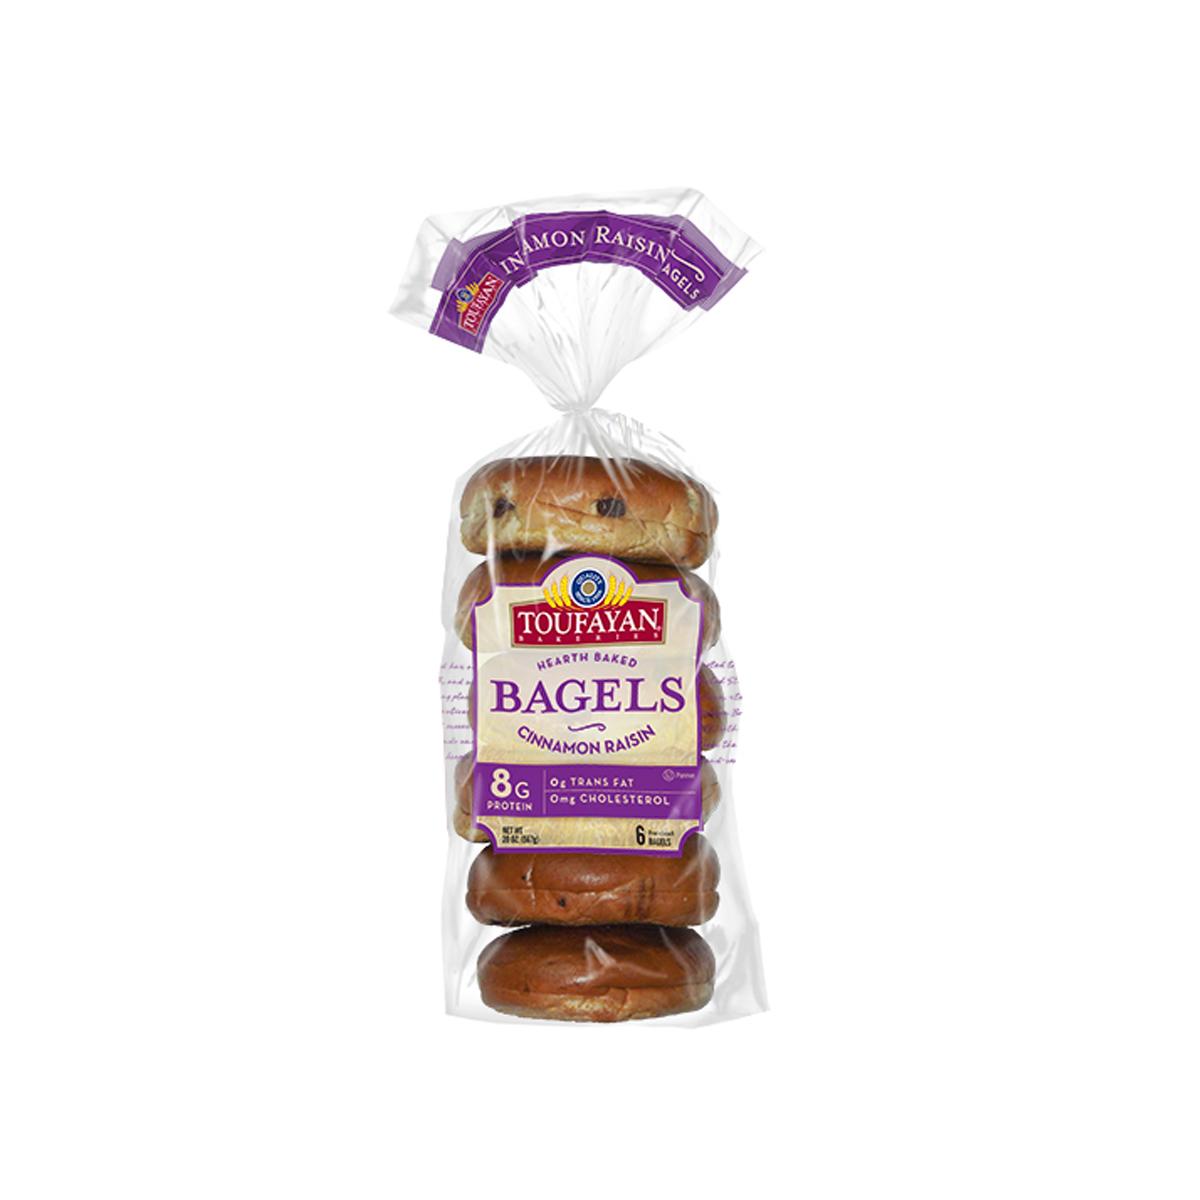 Bagel Cinnamon & Raisins Toufayan